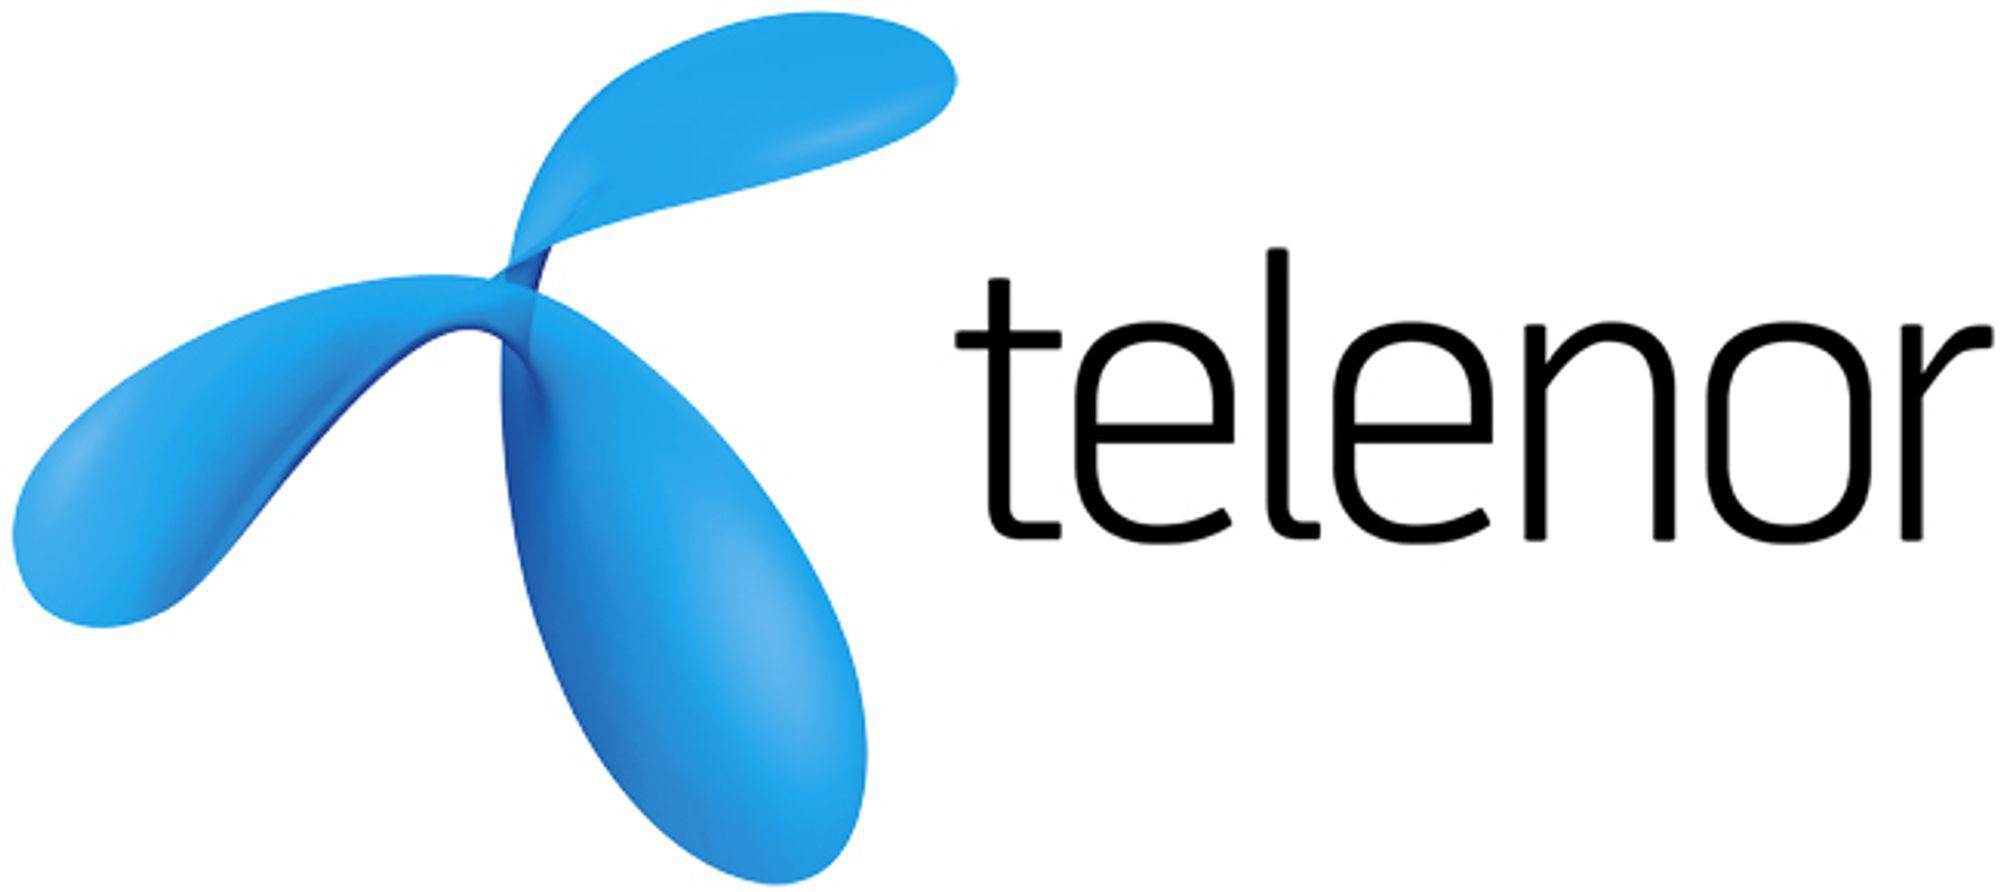 Telenor svir av nær en halv milliard kroner for å være i posisjon for framtidas mobiltjenester.